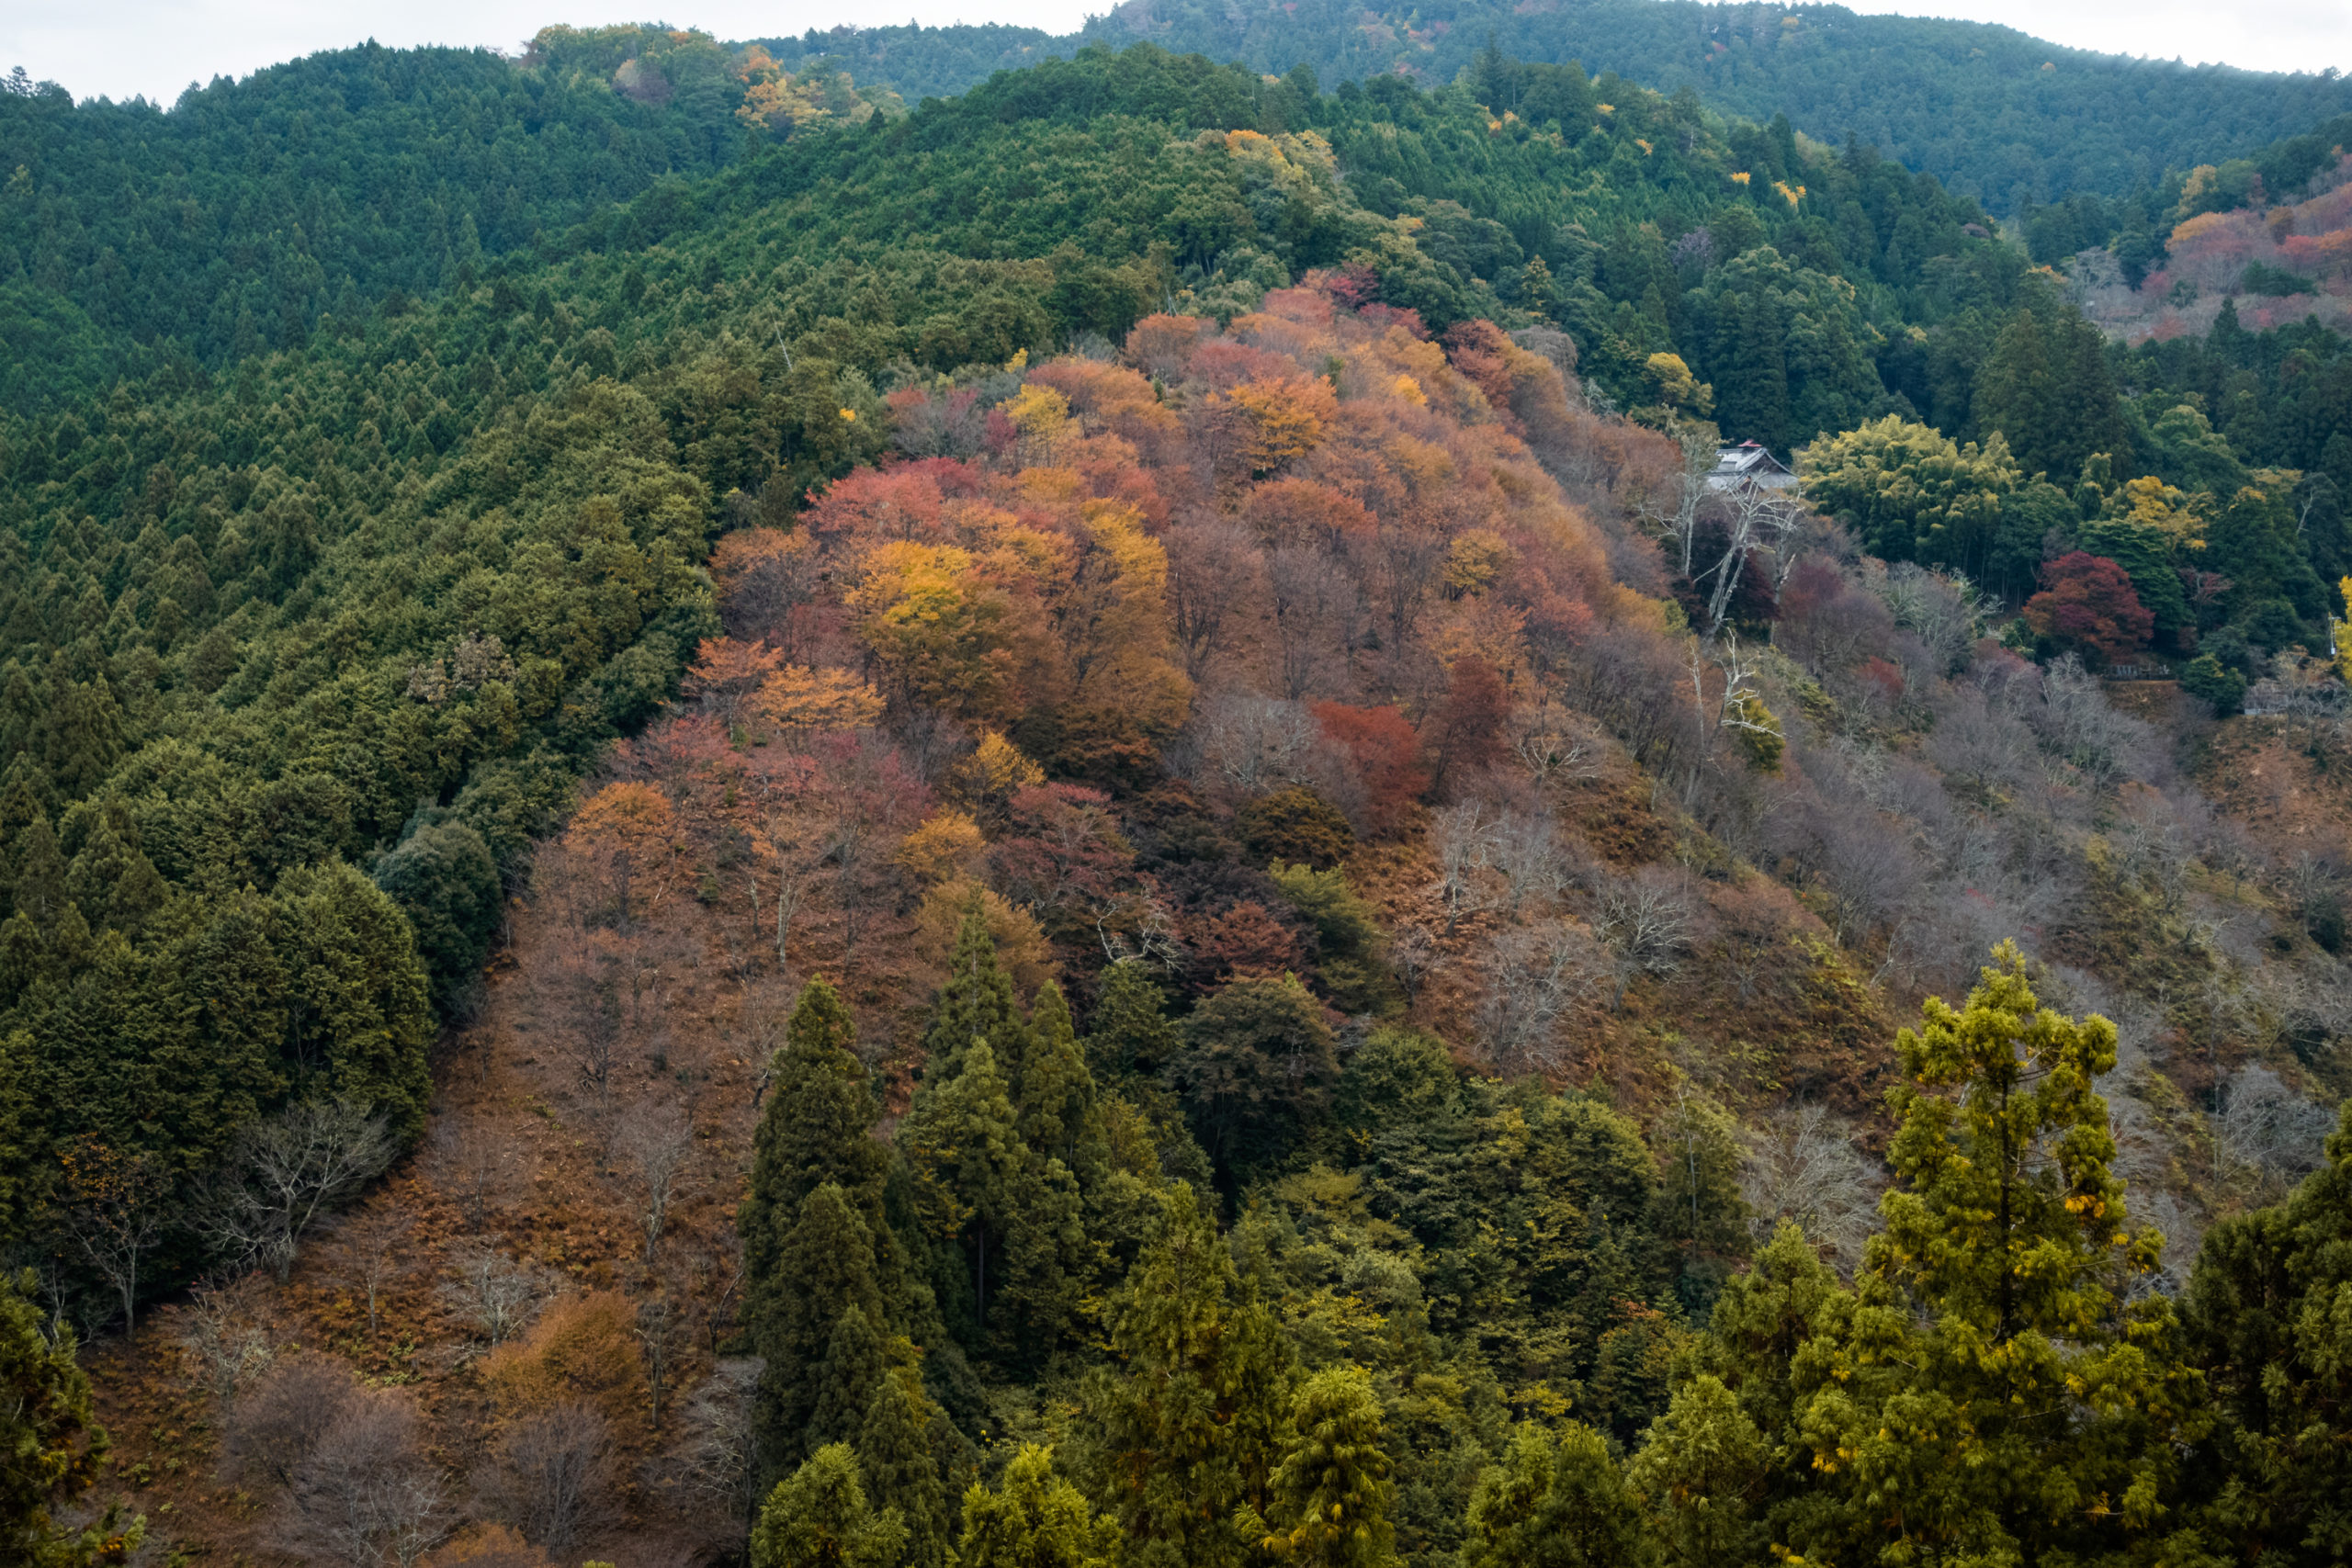 DSC00107-scaled 奈良県  吉野山(山が紅葉に染まる秋におすすめの絶景スポット! 撮影した写真の紹介、アクセス情報や駐車場情報など)